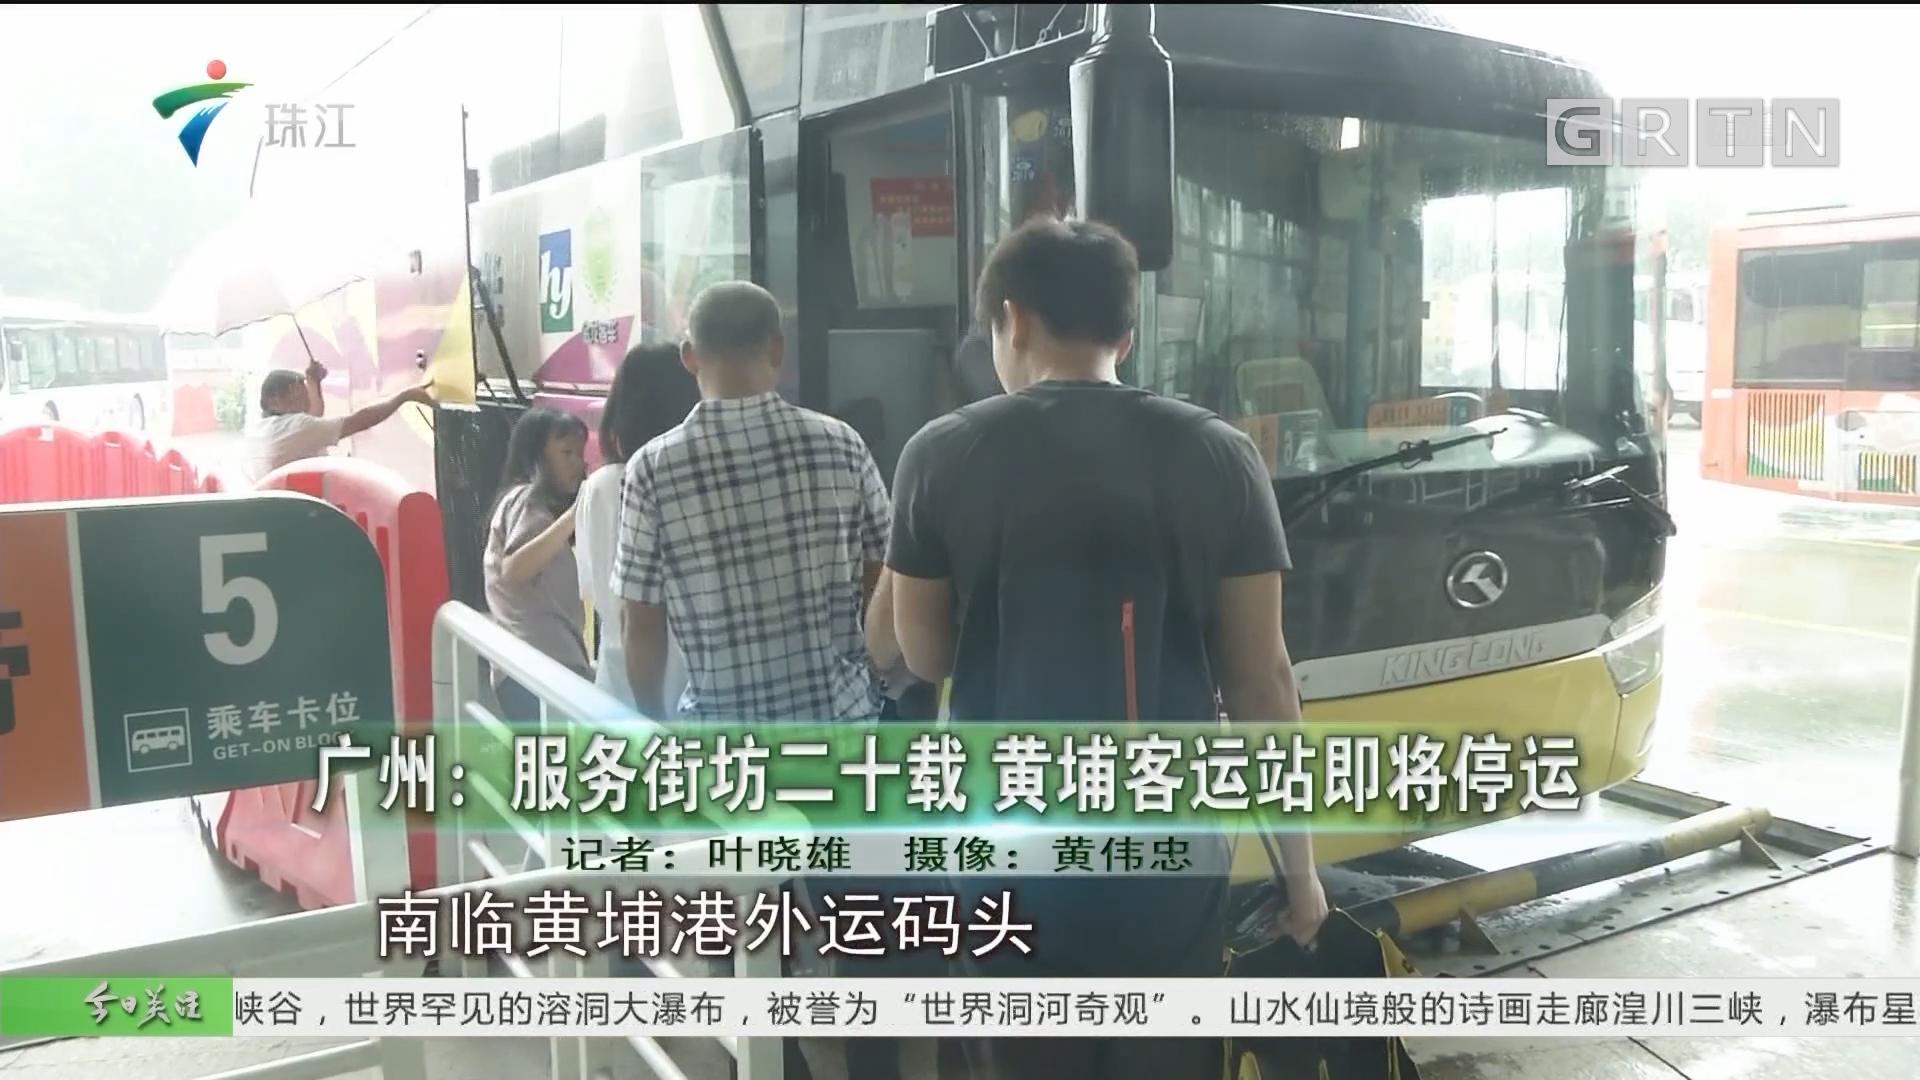 广州:服务街坊二十载 黄埔客运站即将停运